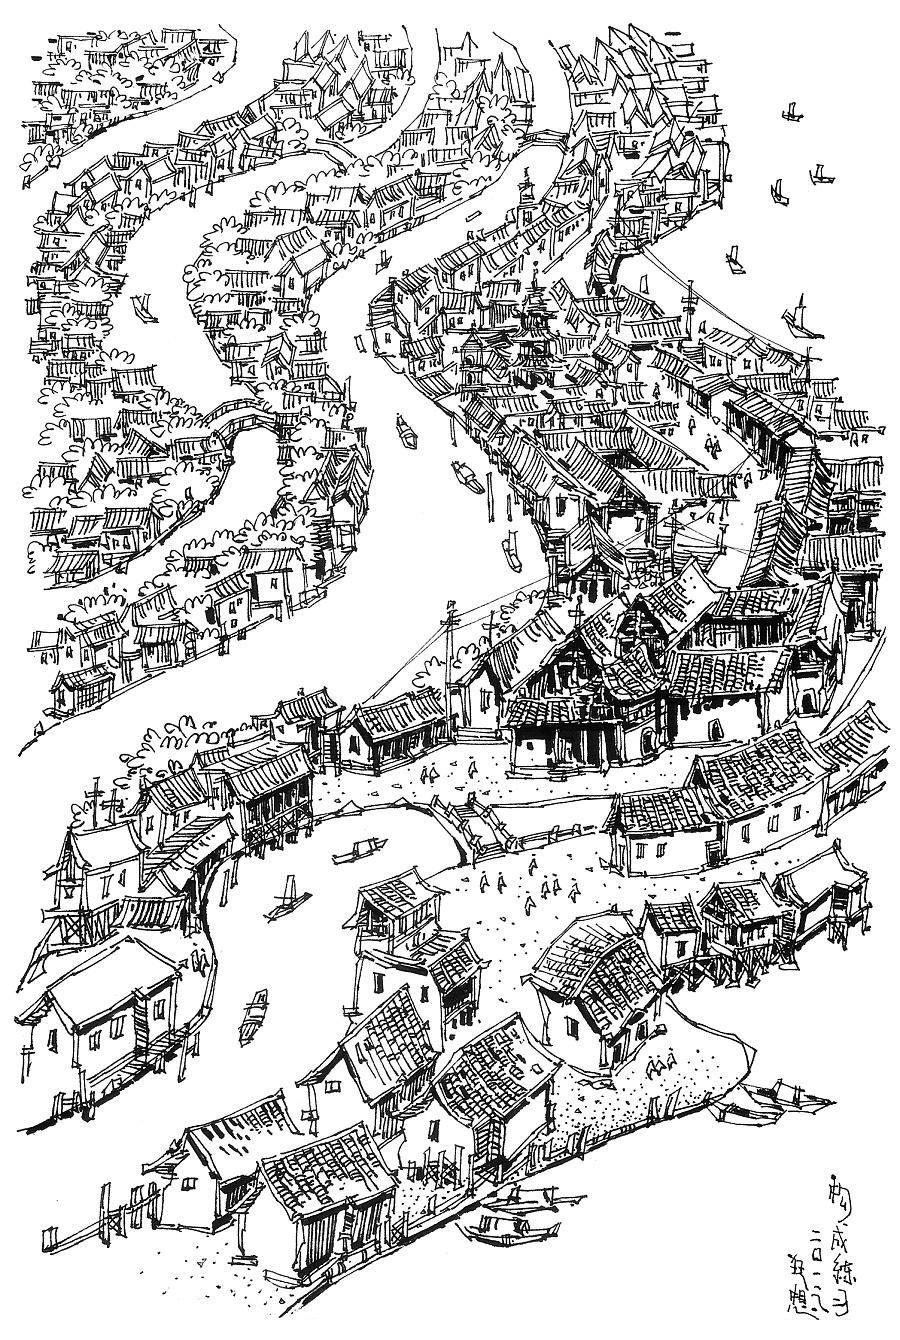 匠人营国|郑昌辉建筑钢笔画|建筑设计|空间/建筑